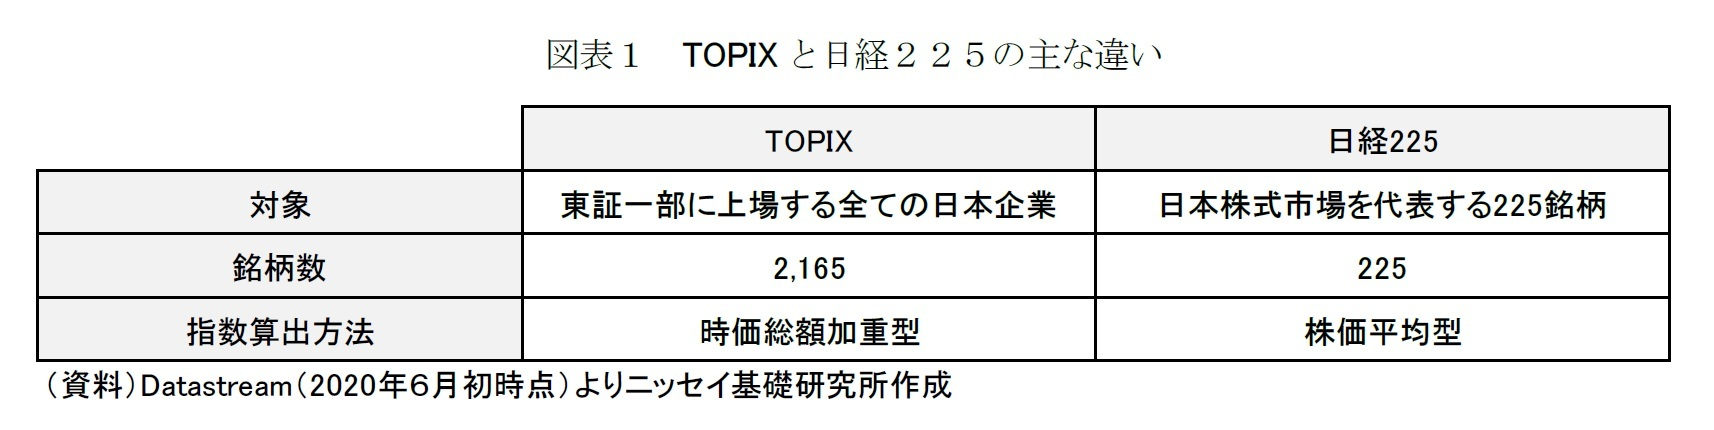 図表1 TOPIXと日経225の主な違い